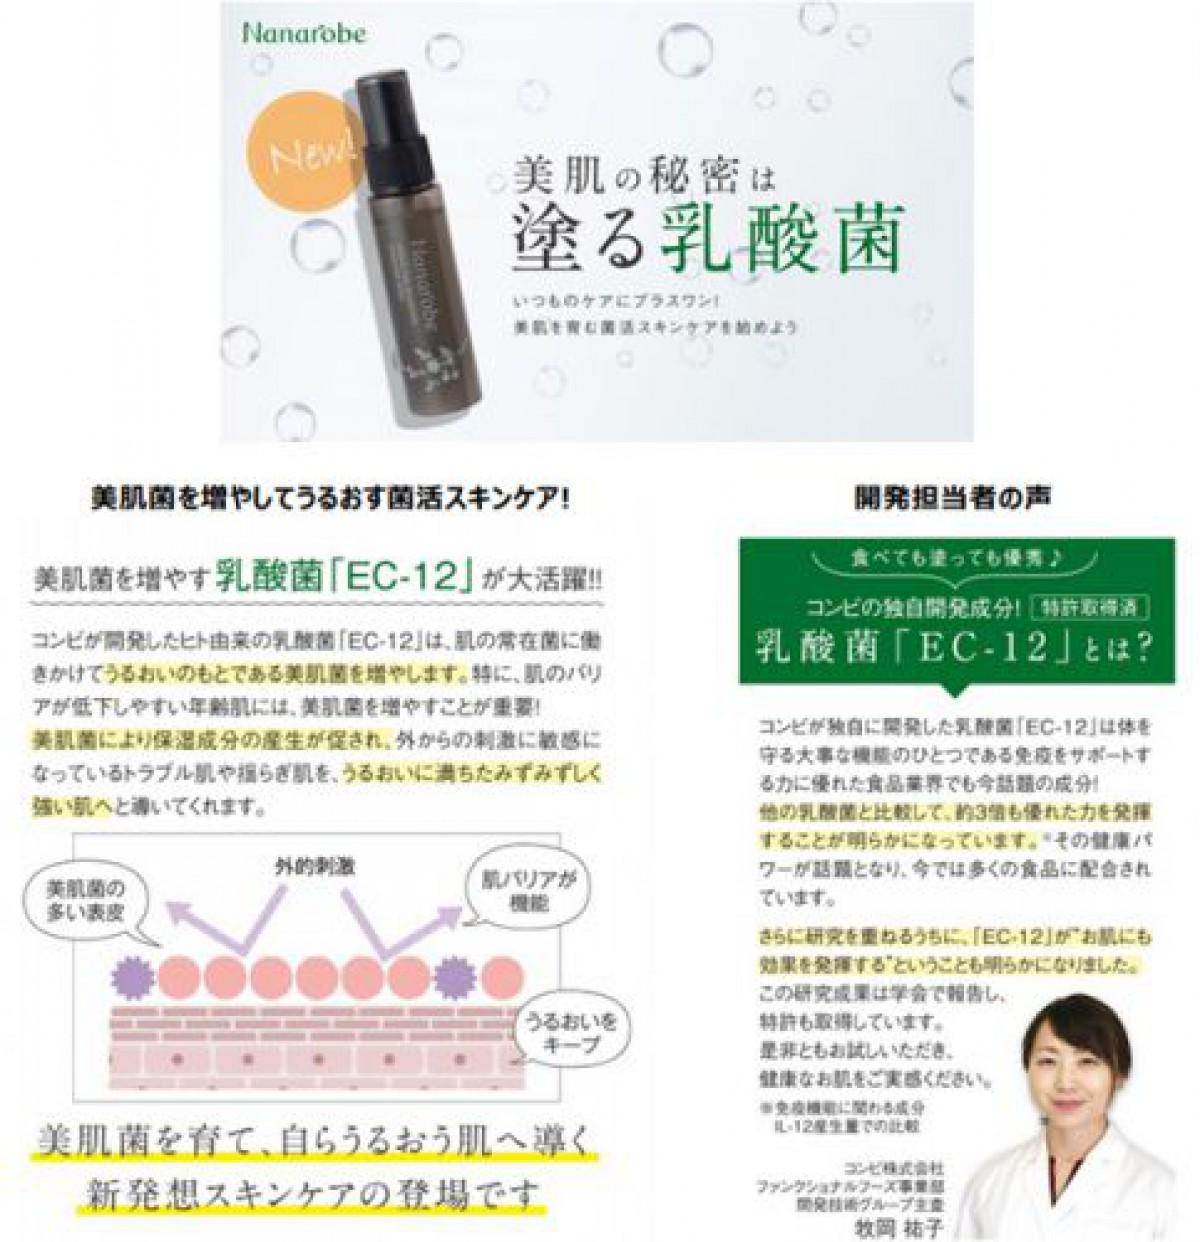 「コロカリア®」「EC-12®」を配合した化粧水を発売/コンビ